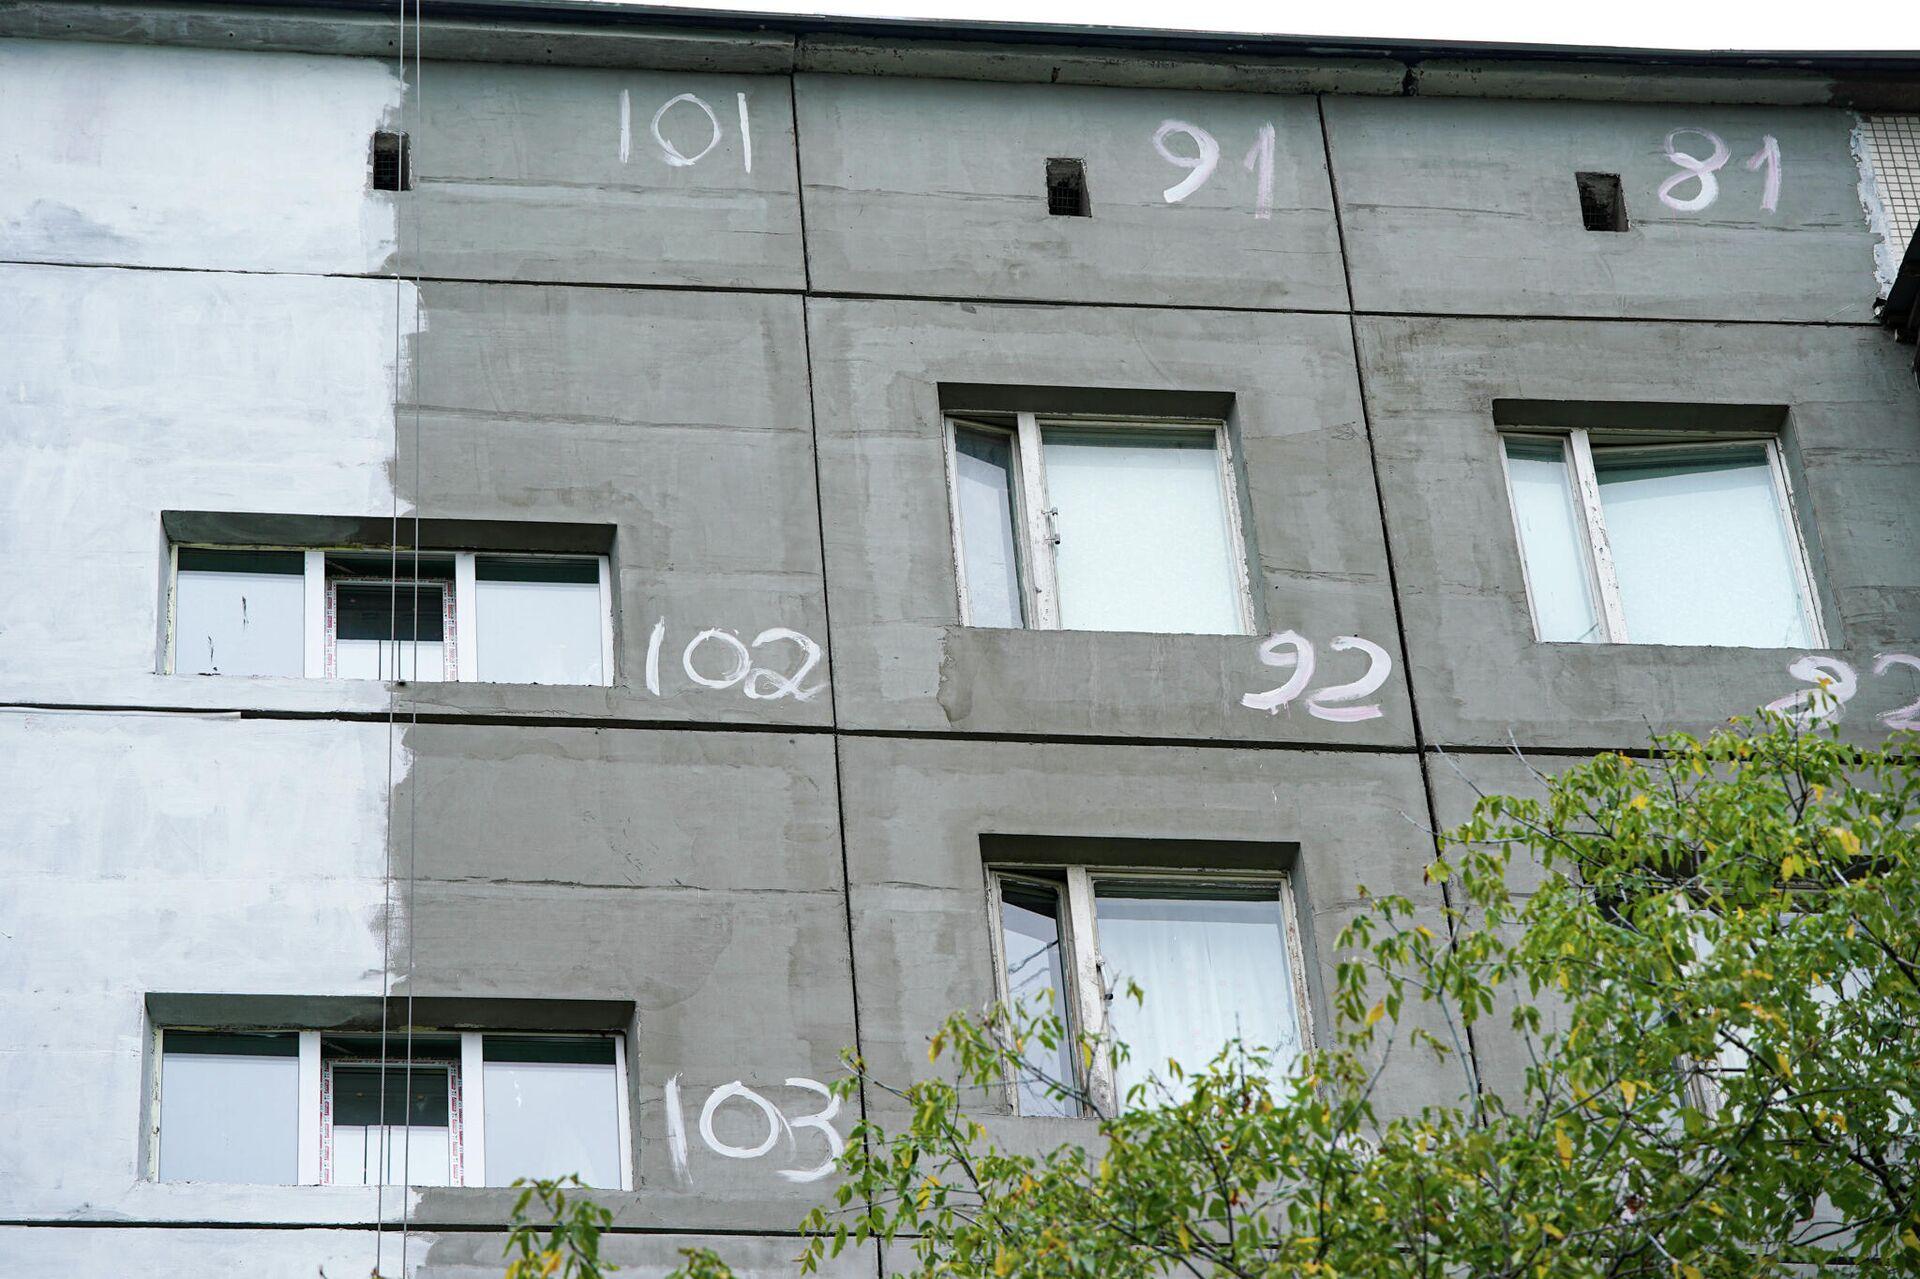 Ремонт фасада здания в Москве - РИА Новости, 1920, 25.09.2020